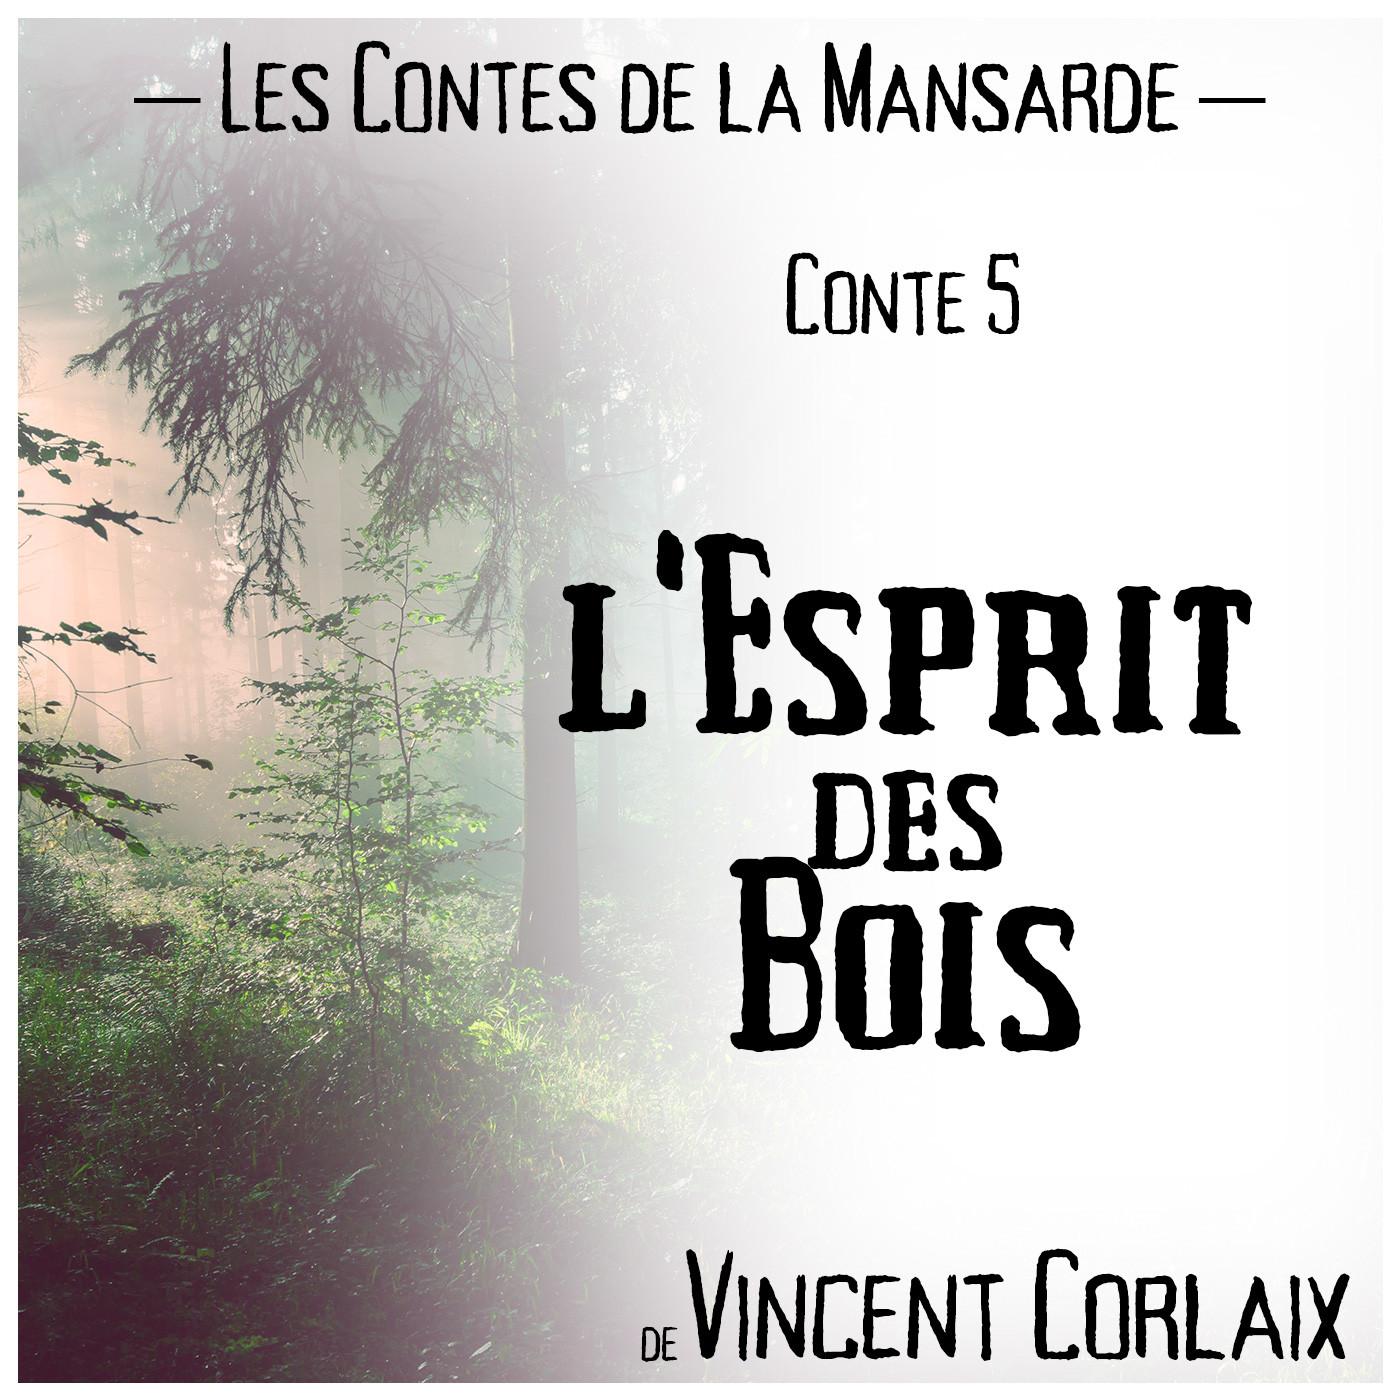 Conte 5 – L'Esprit des Bois